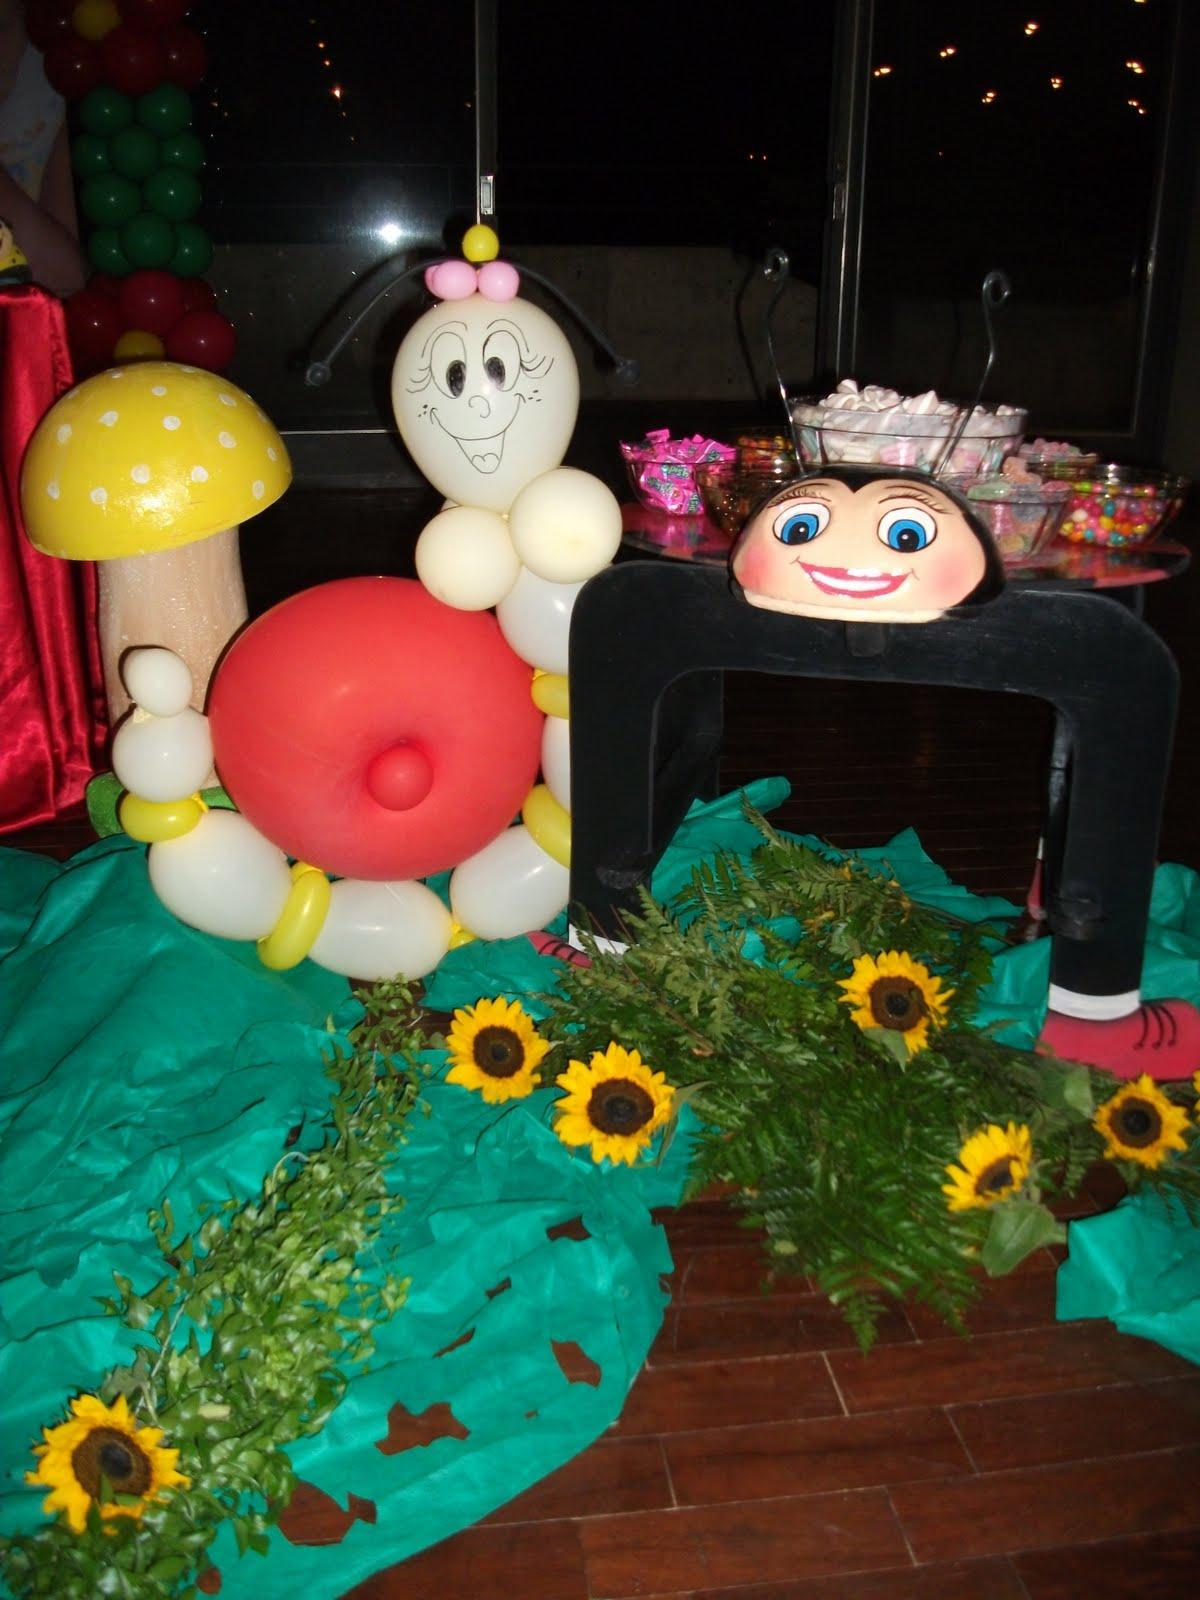 enfeites para festa infantil jardim encantado:encantado borboletas decoracao jardim encantado decoracao de festa